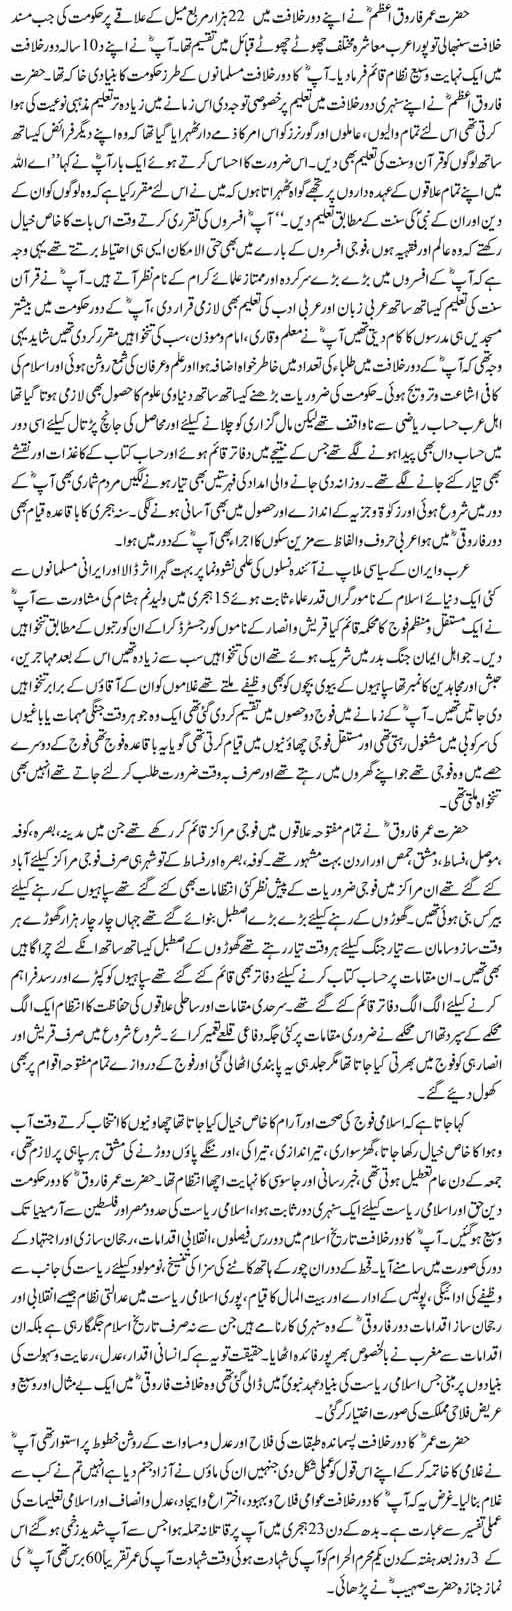 Hazrat Umar (R.A) Ki Fauji Aur Taleemi Islahat